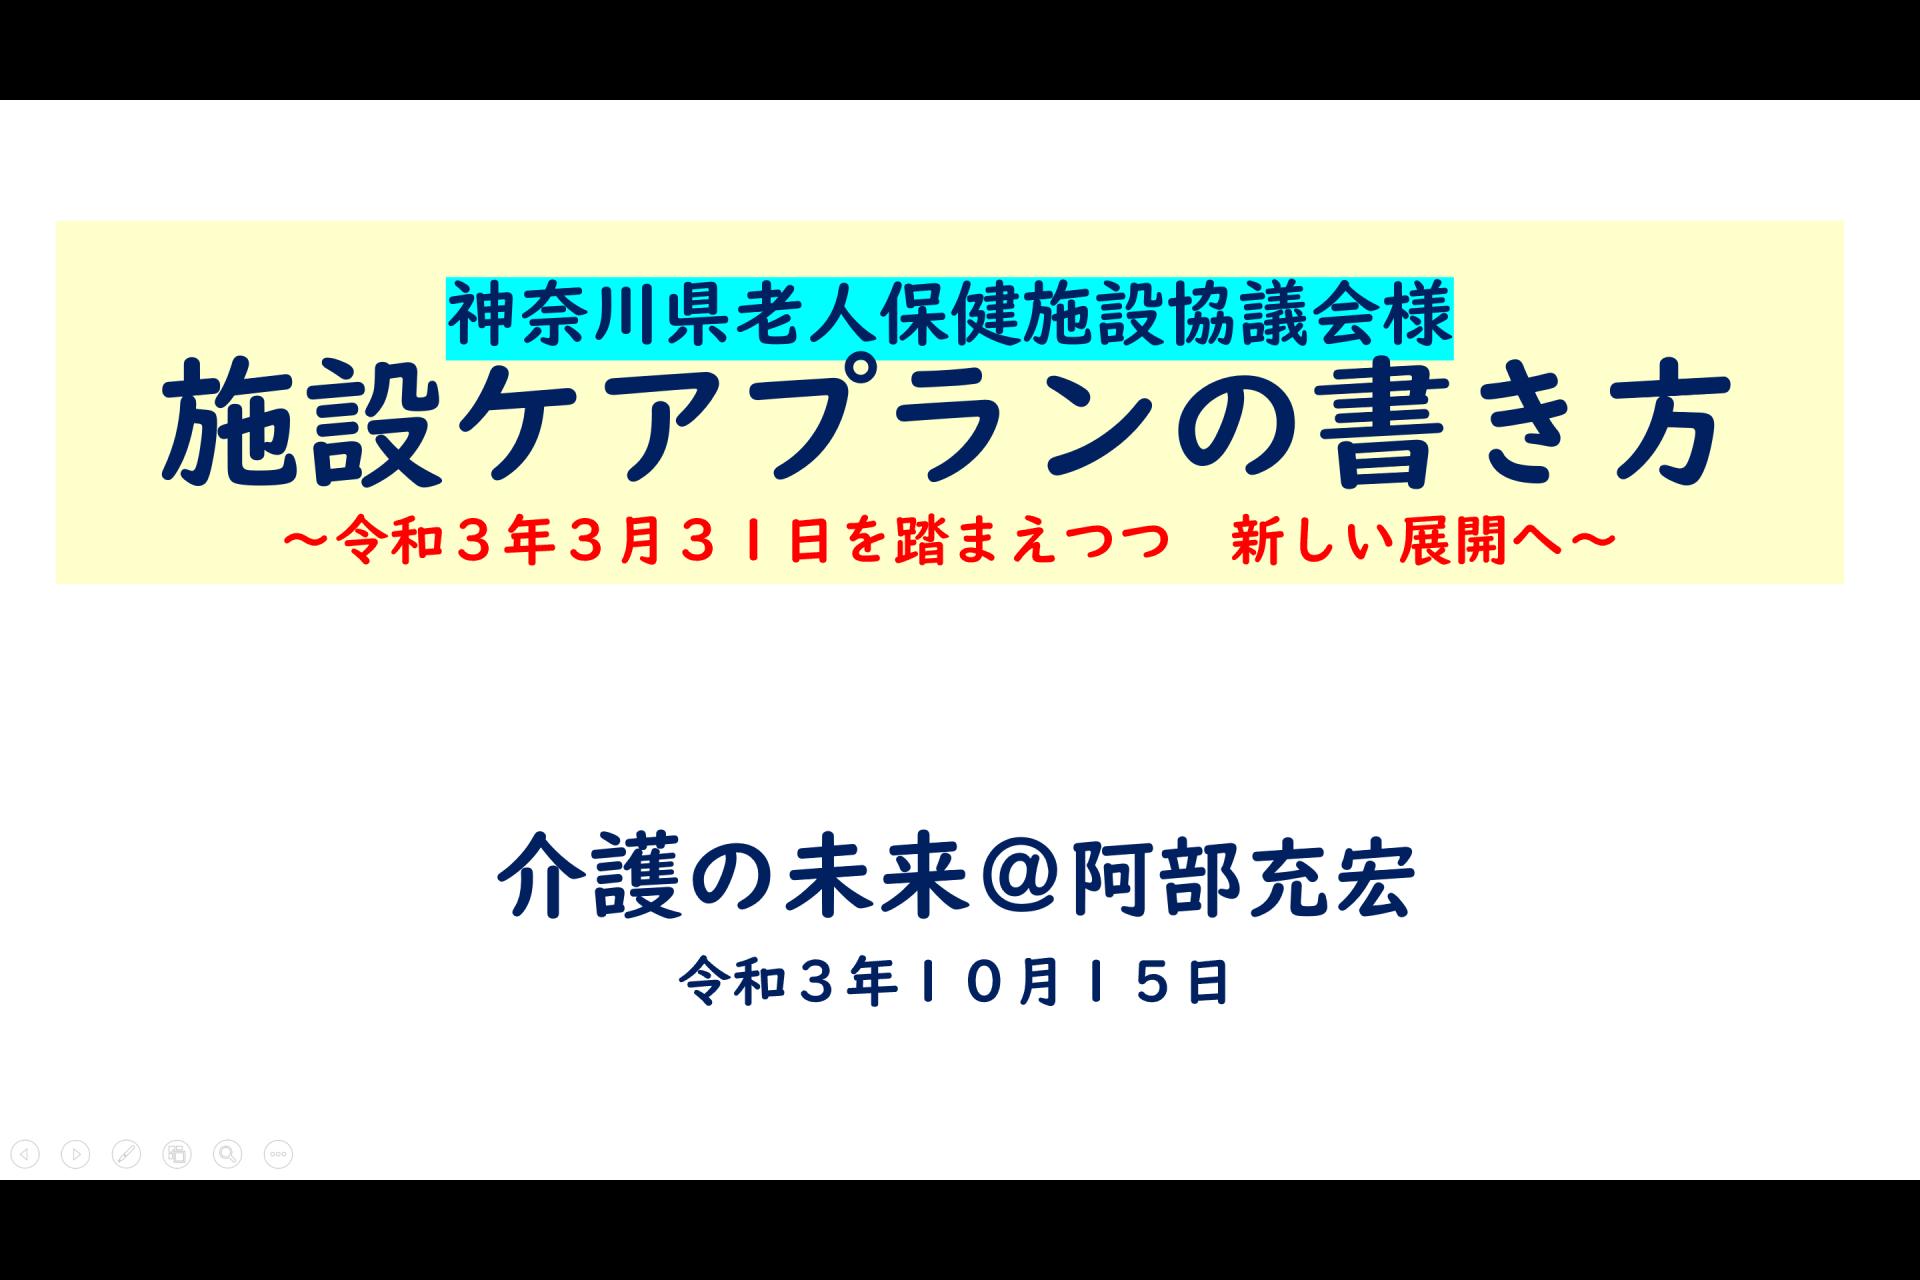 【  505 】 神奈川県老健協会さん研修(今日です)